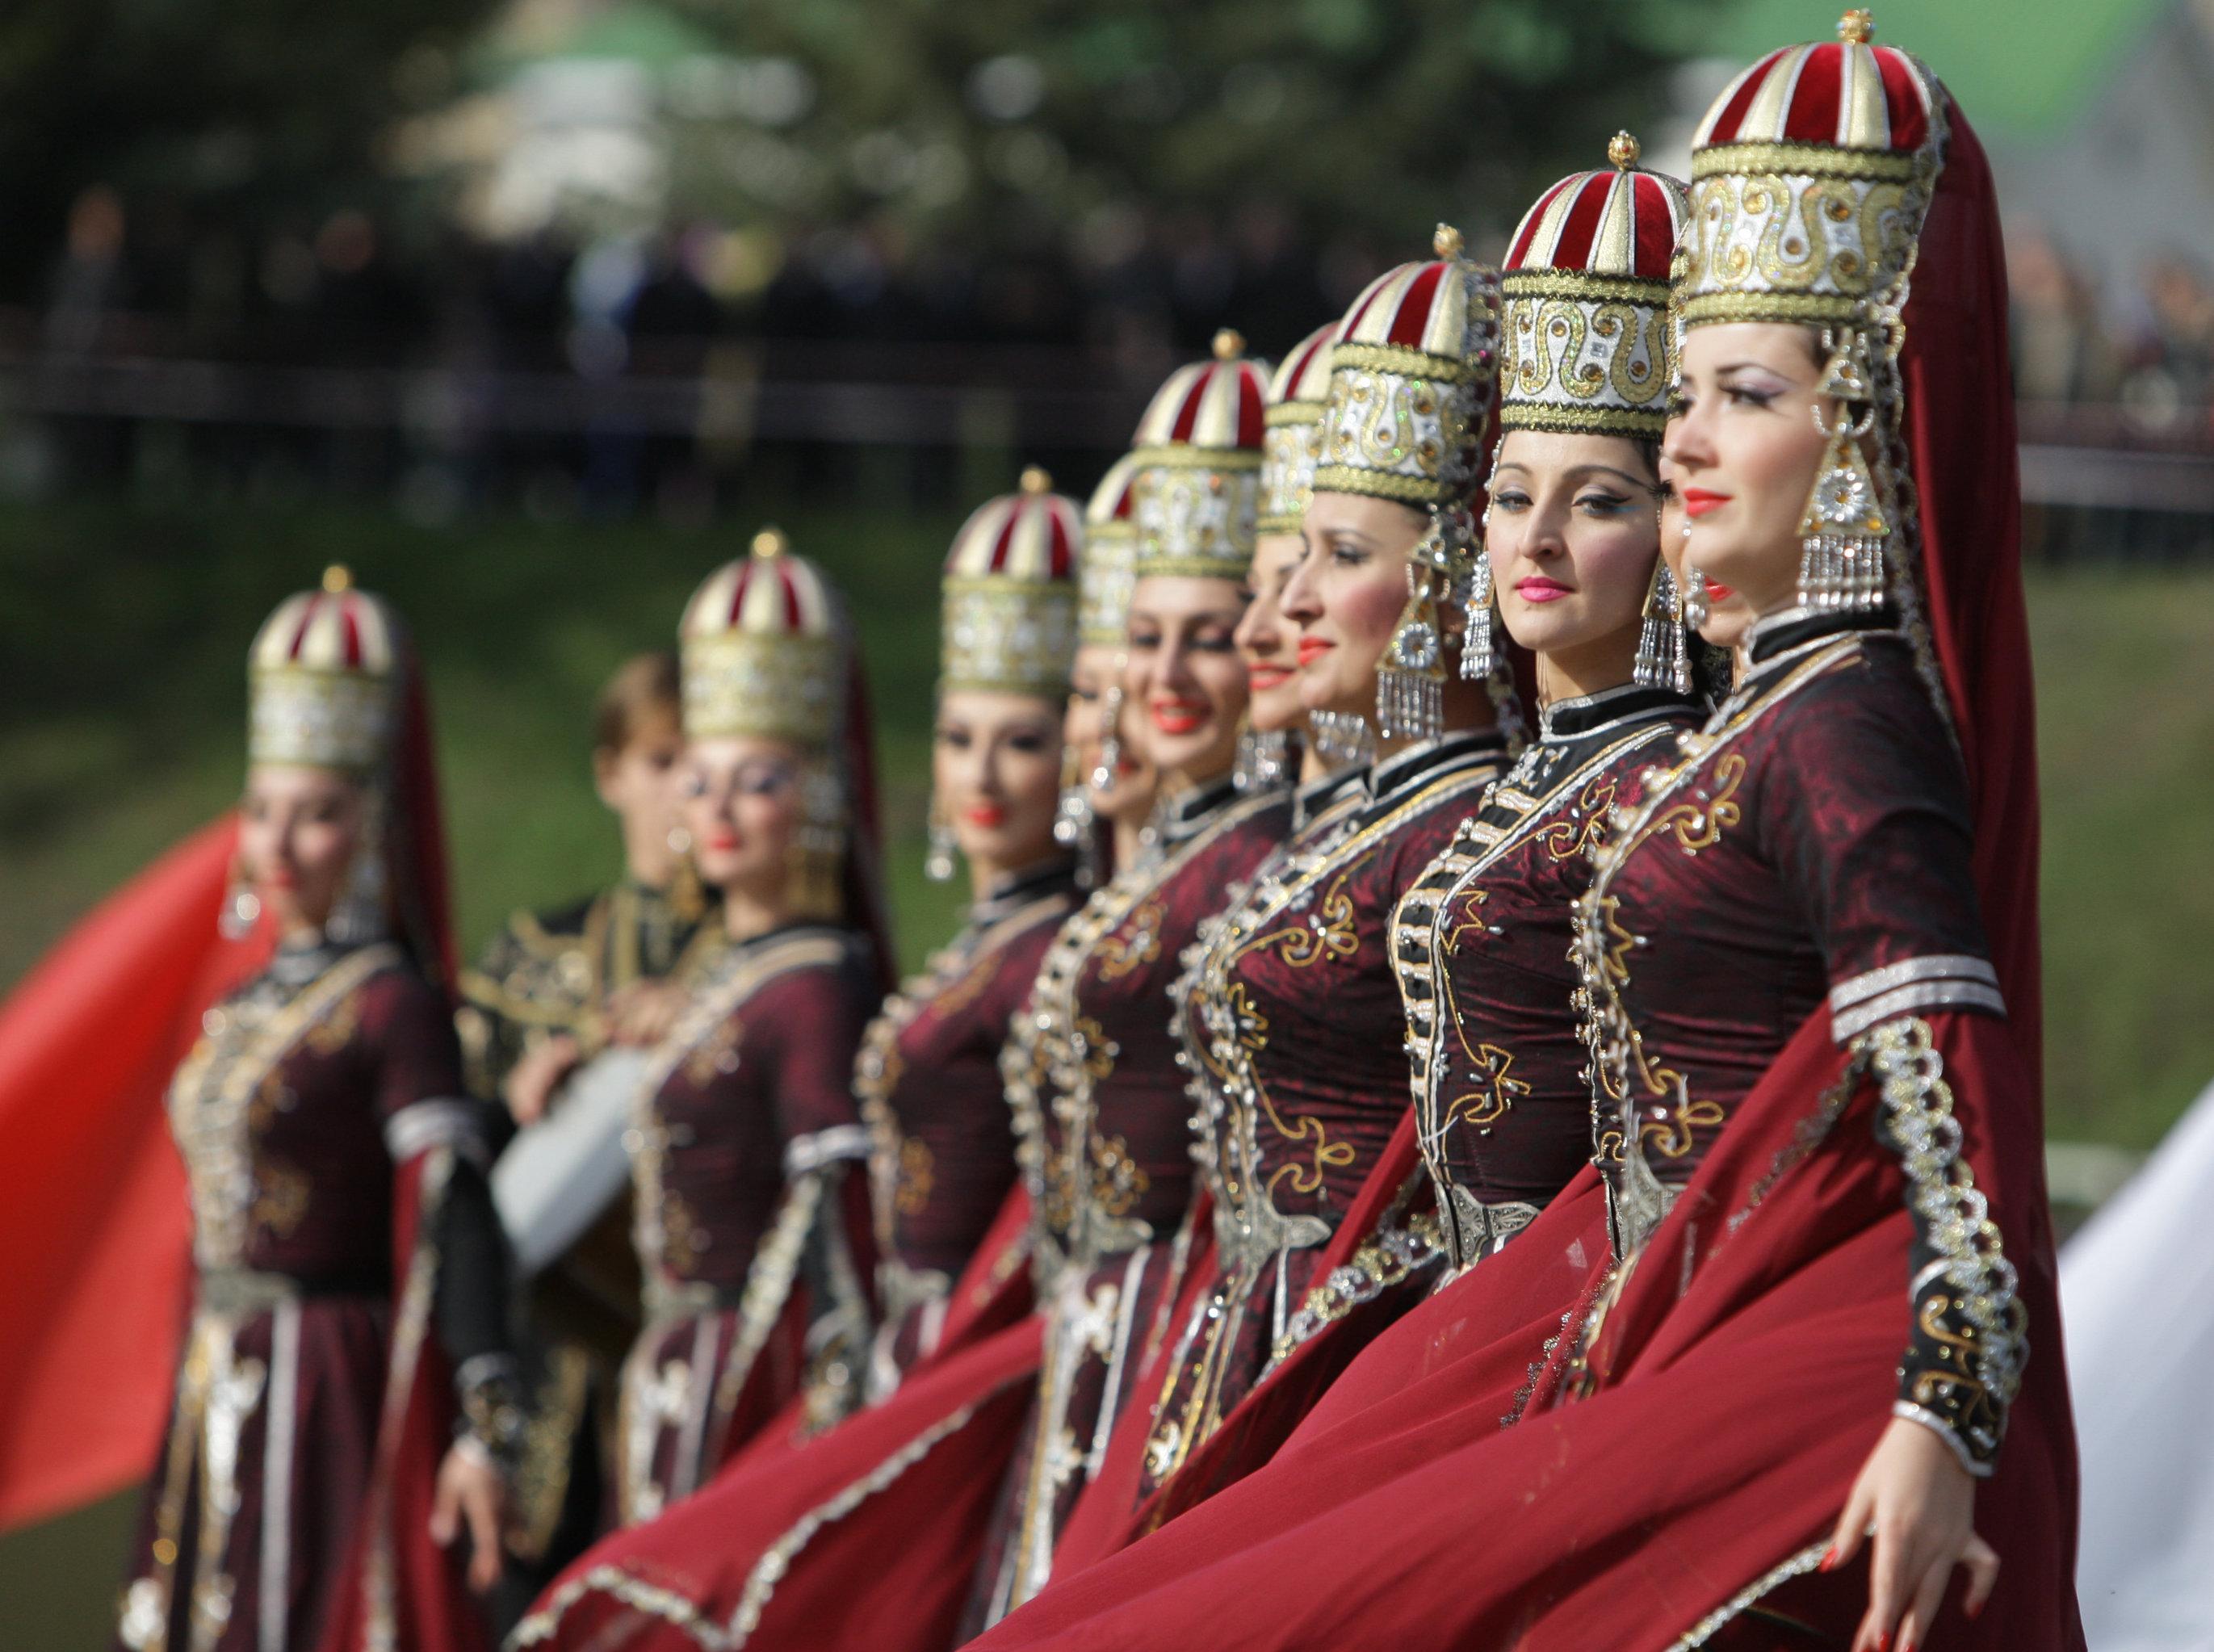 спортивный фестиваль Кавказские игры